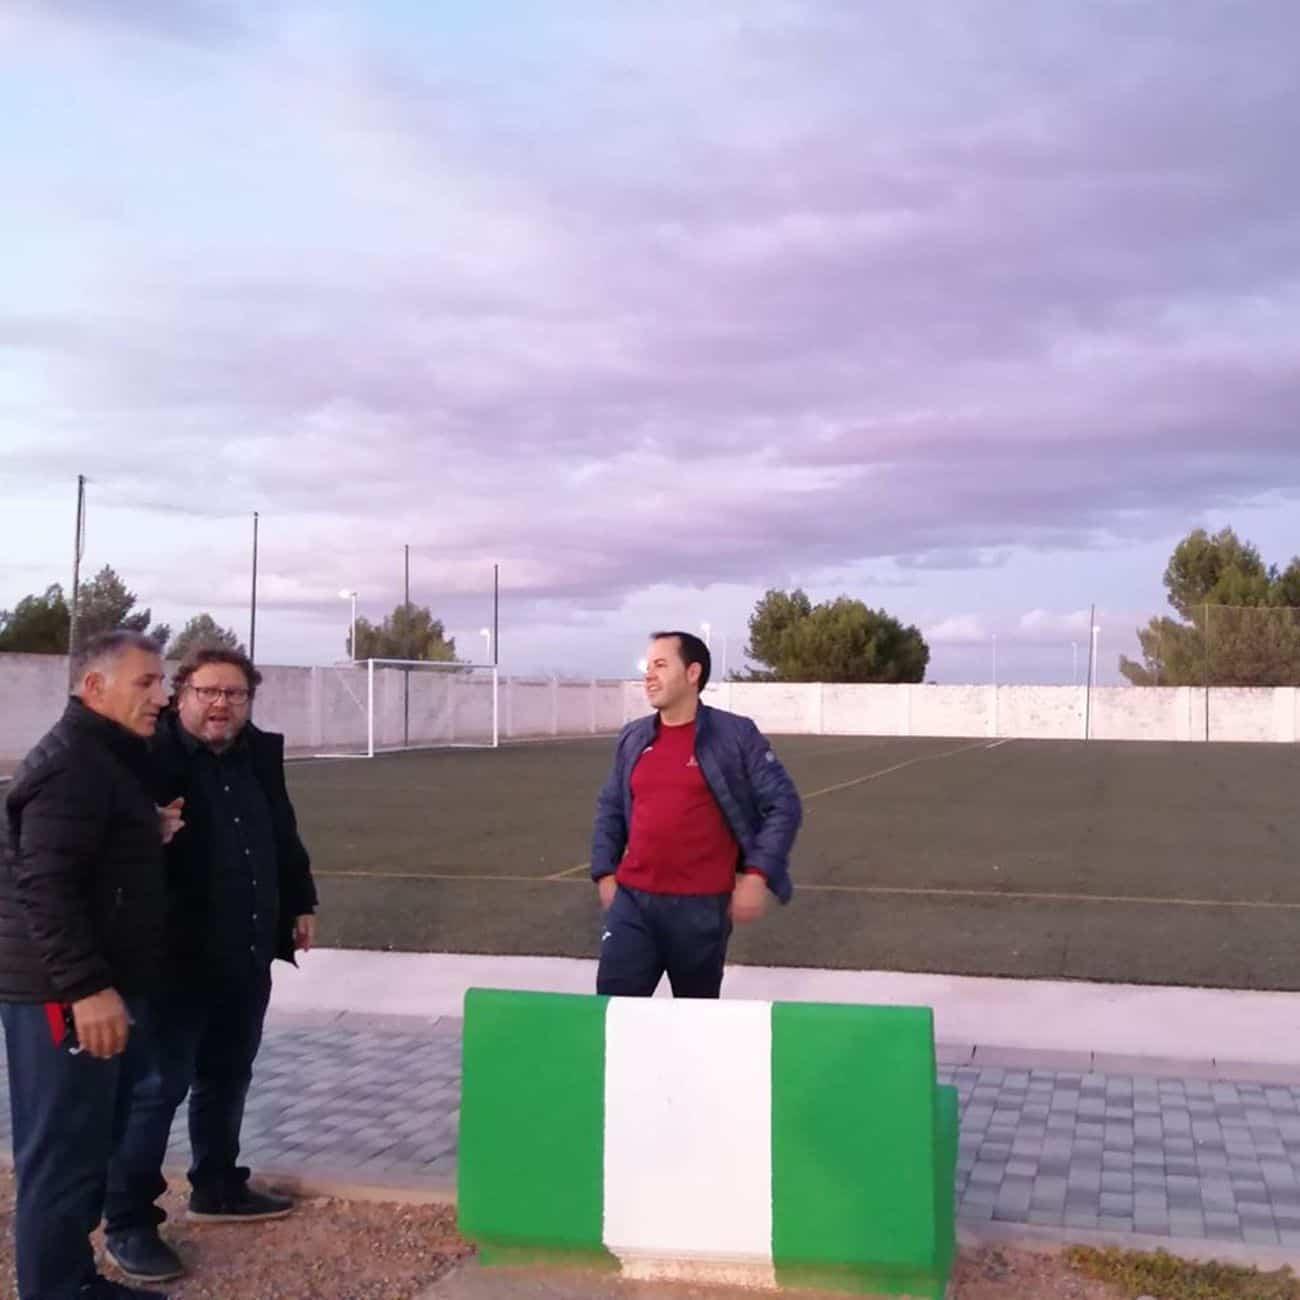 mejoras campo futbol herencia 5 - Mejoras en las instalaciones del campo de fútbol de Herencia